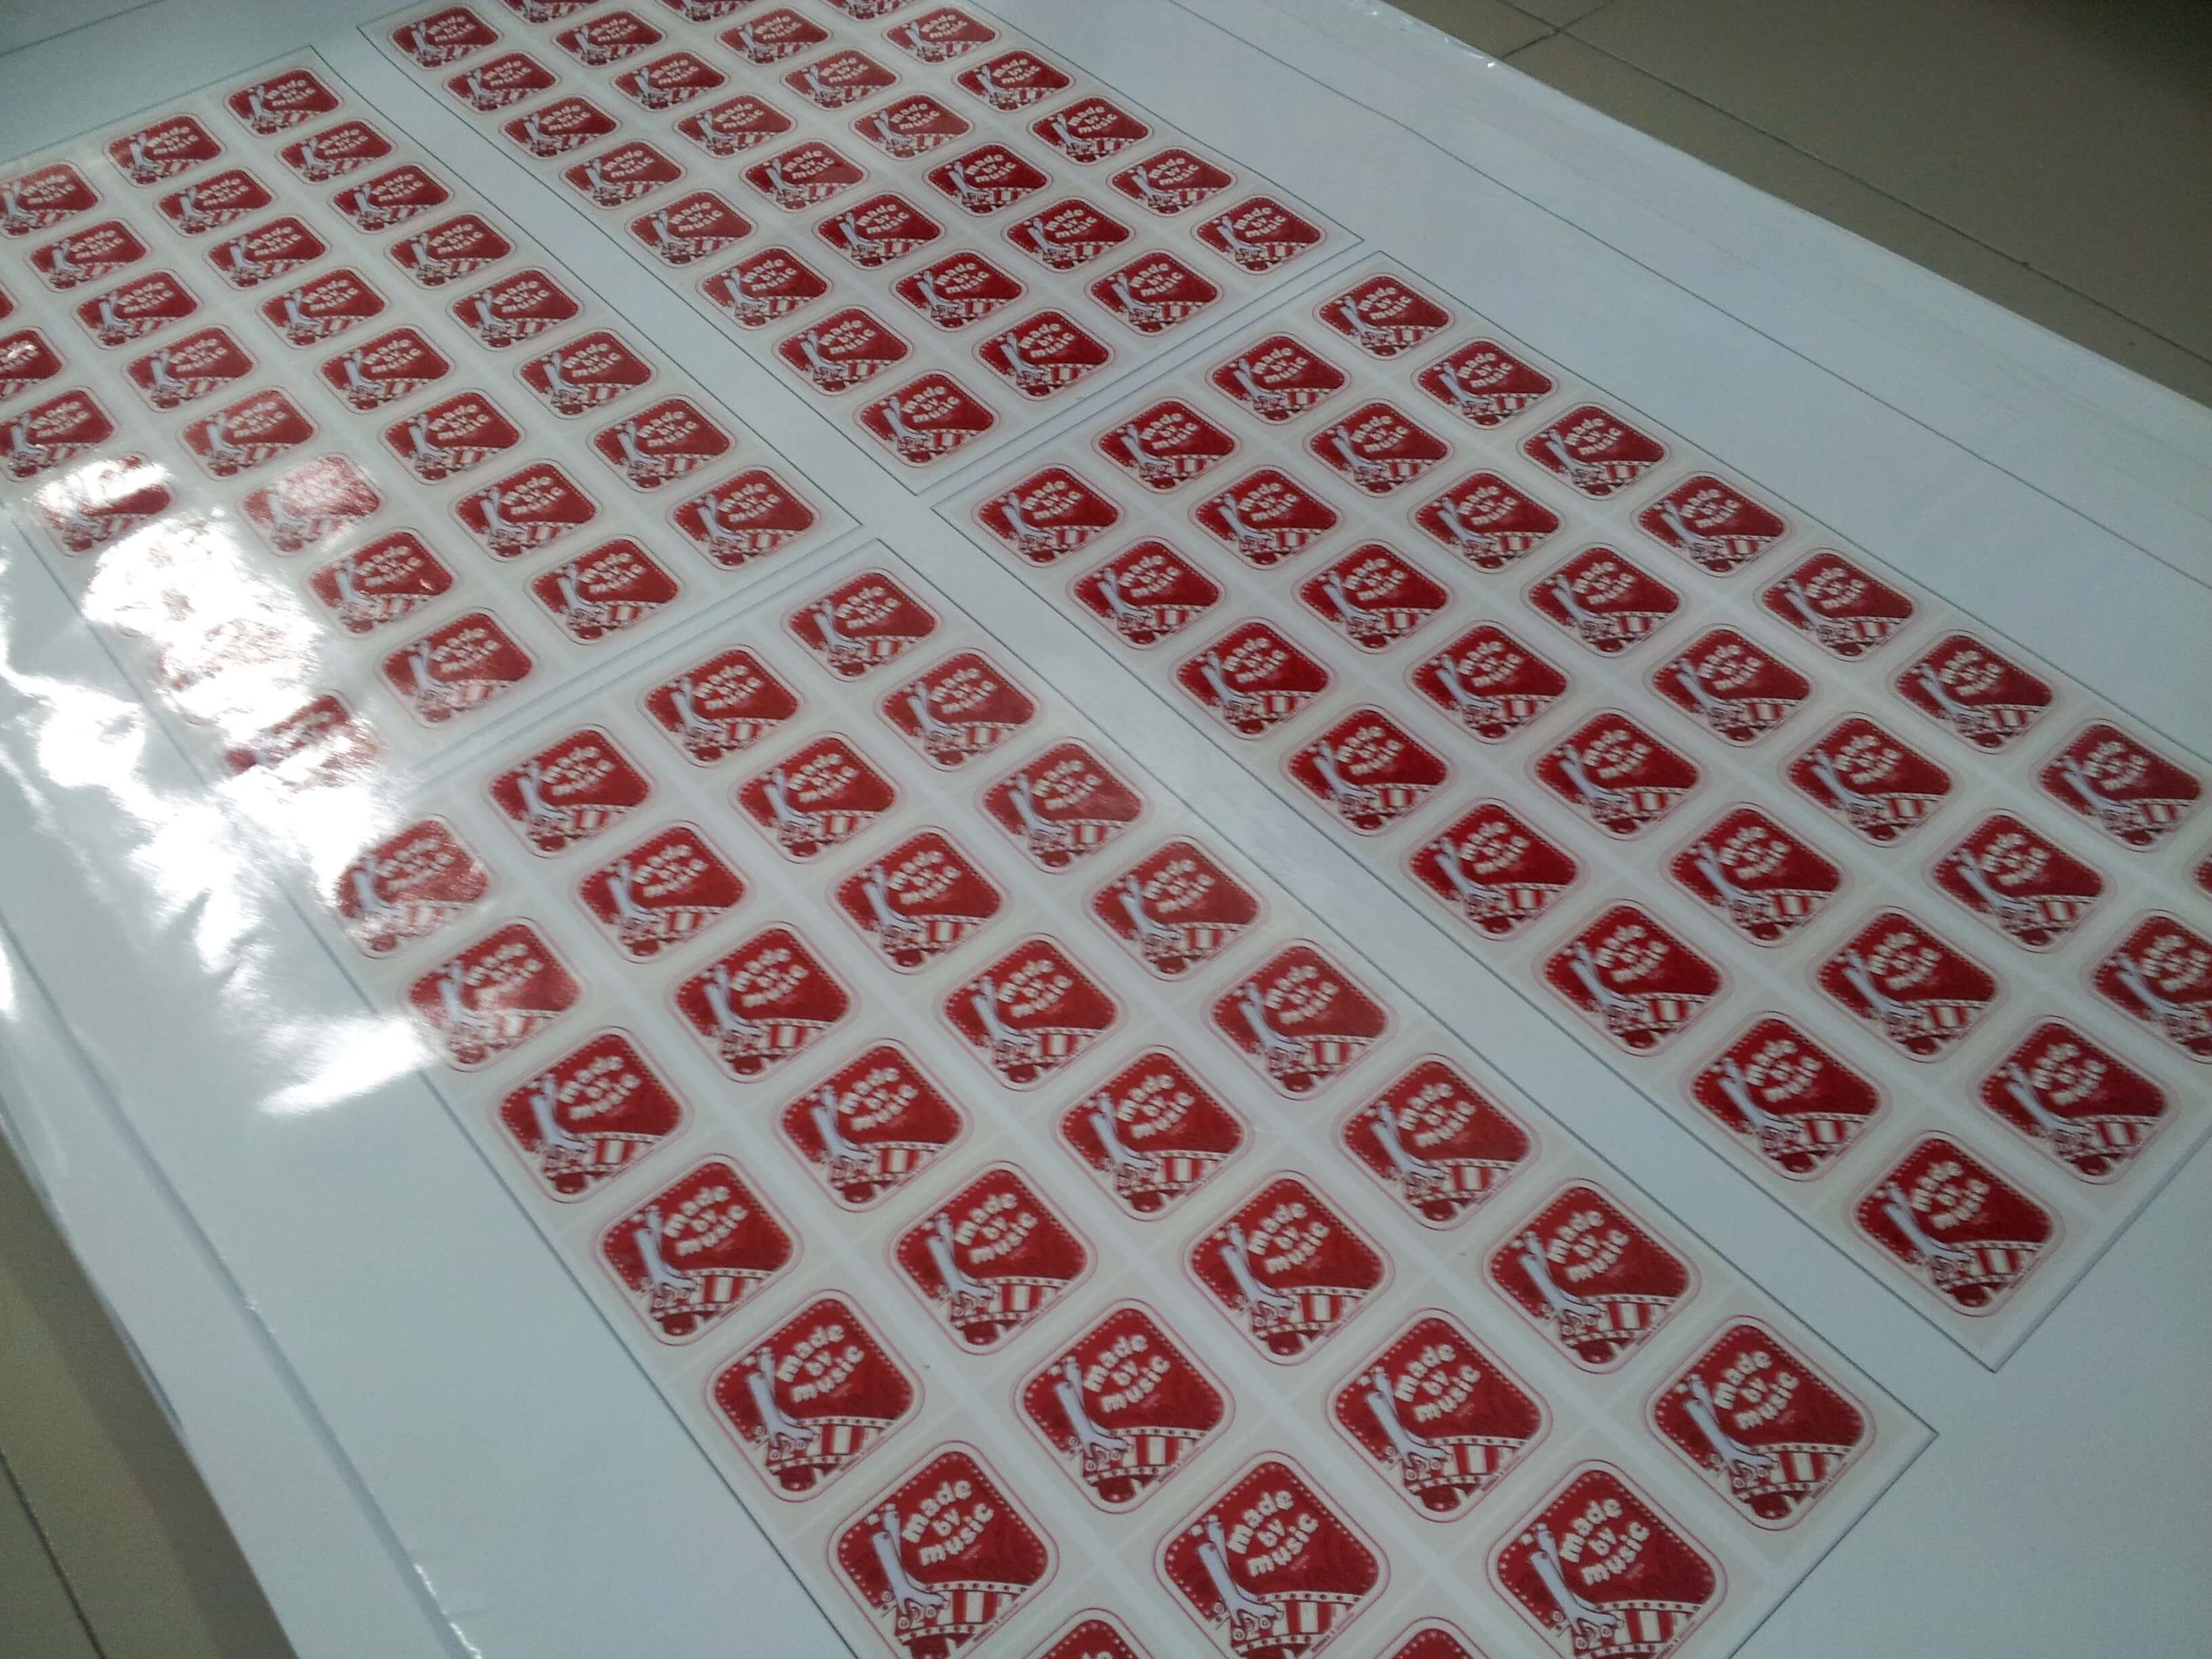 In Decal nước làm tem nhãn dán tuyệt đẹp, in ấn chất lượng cao, giá rẻ ngay với DVQuangCao